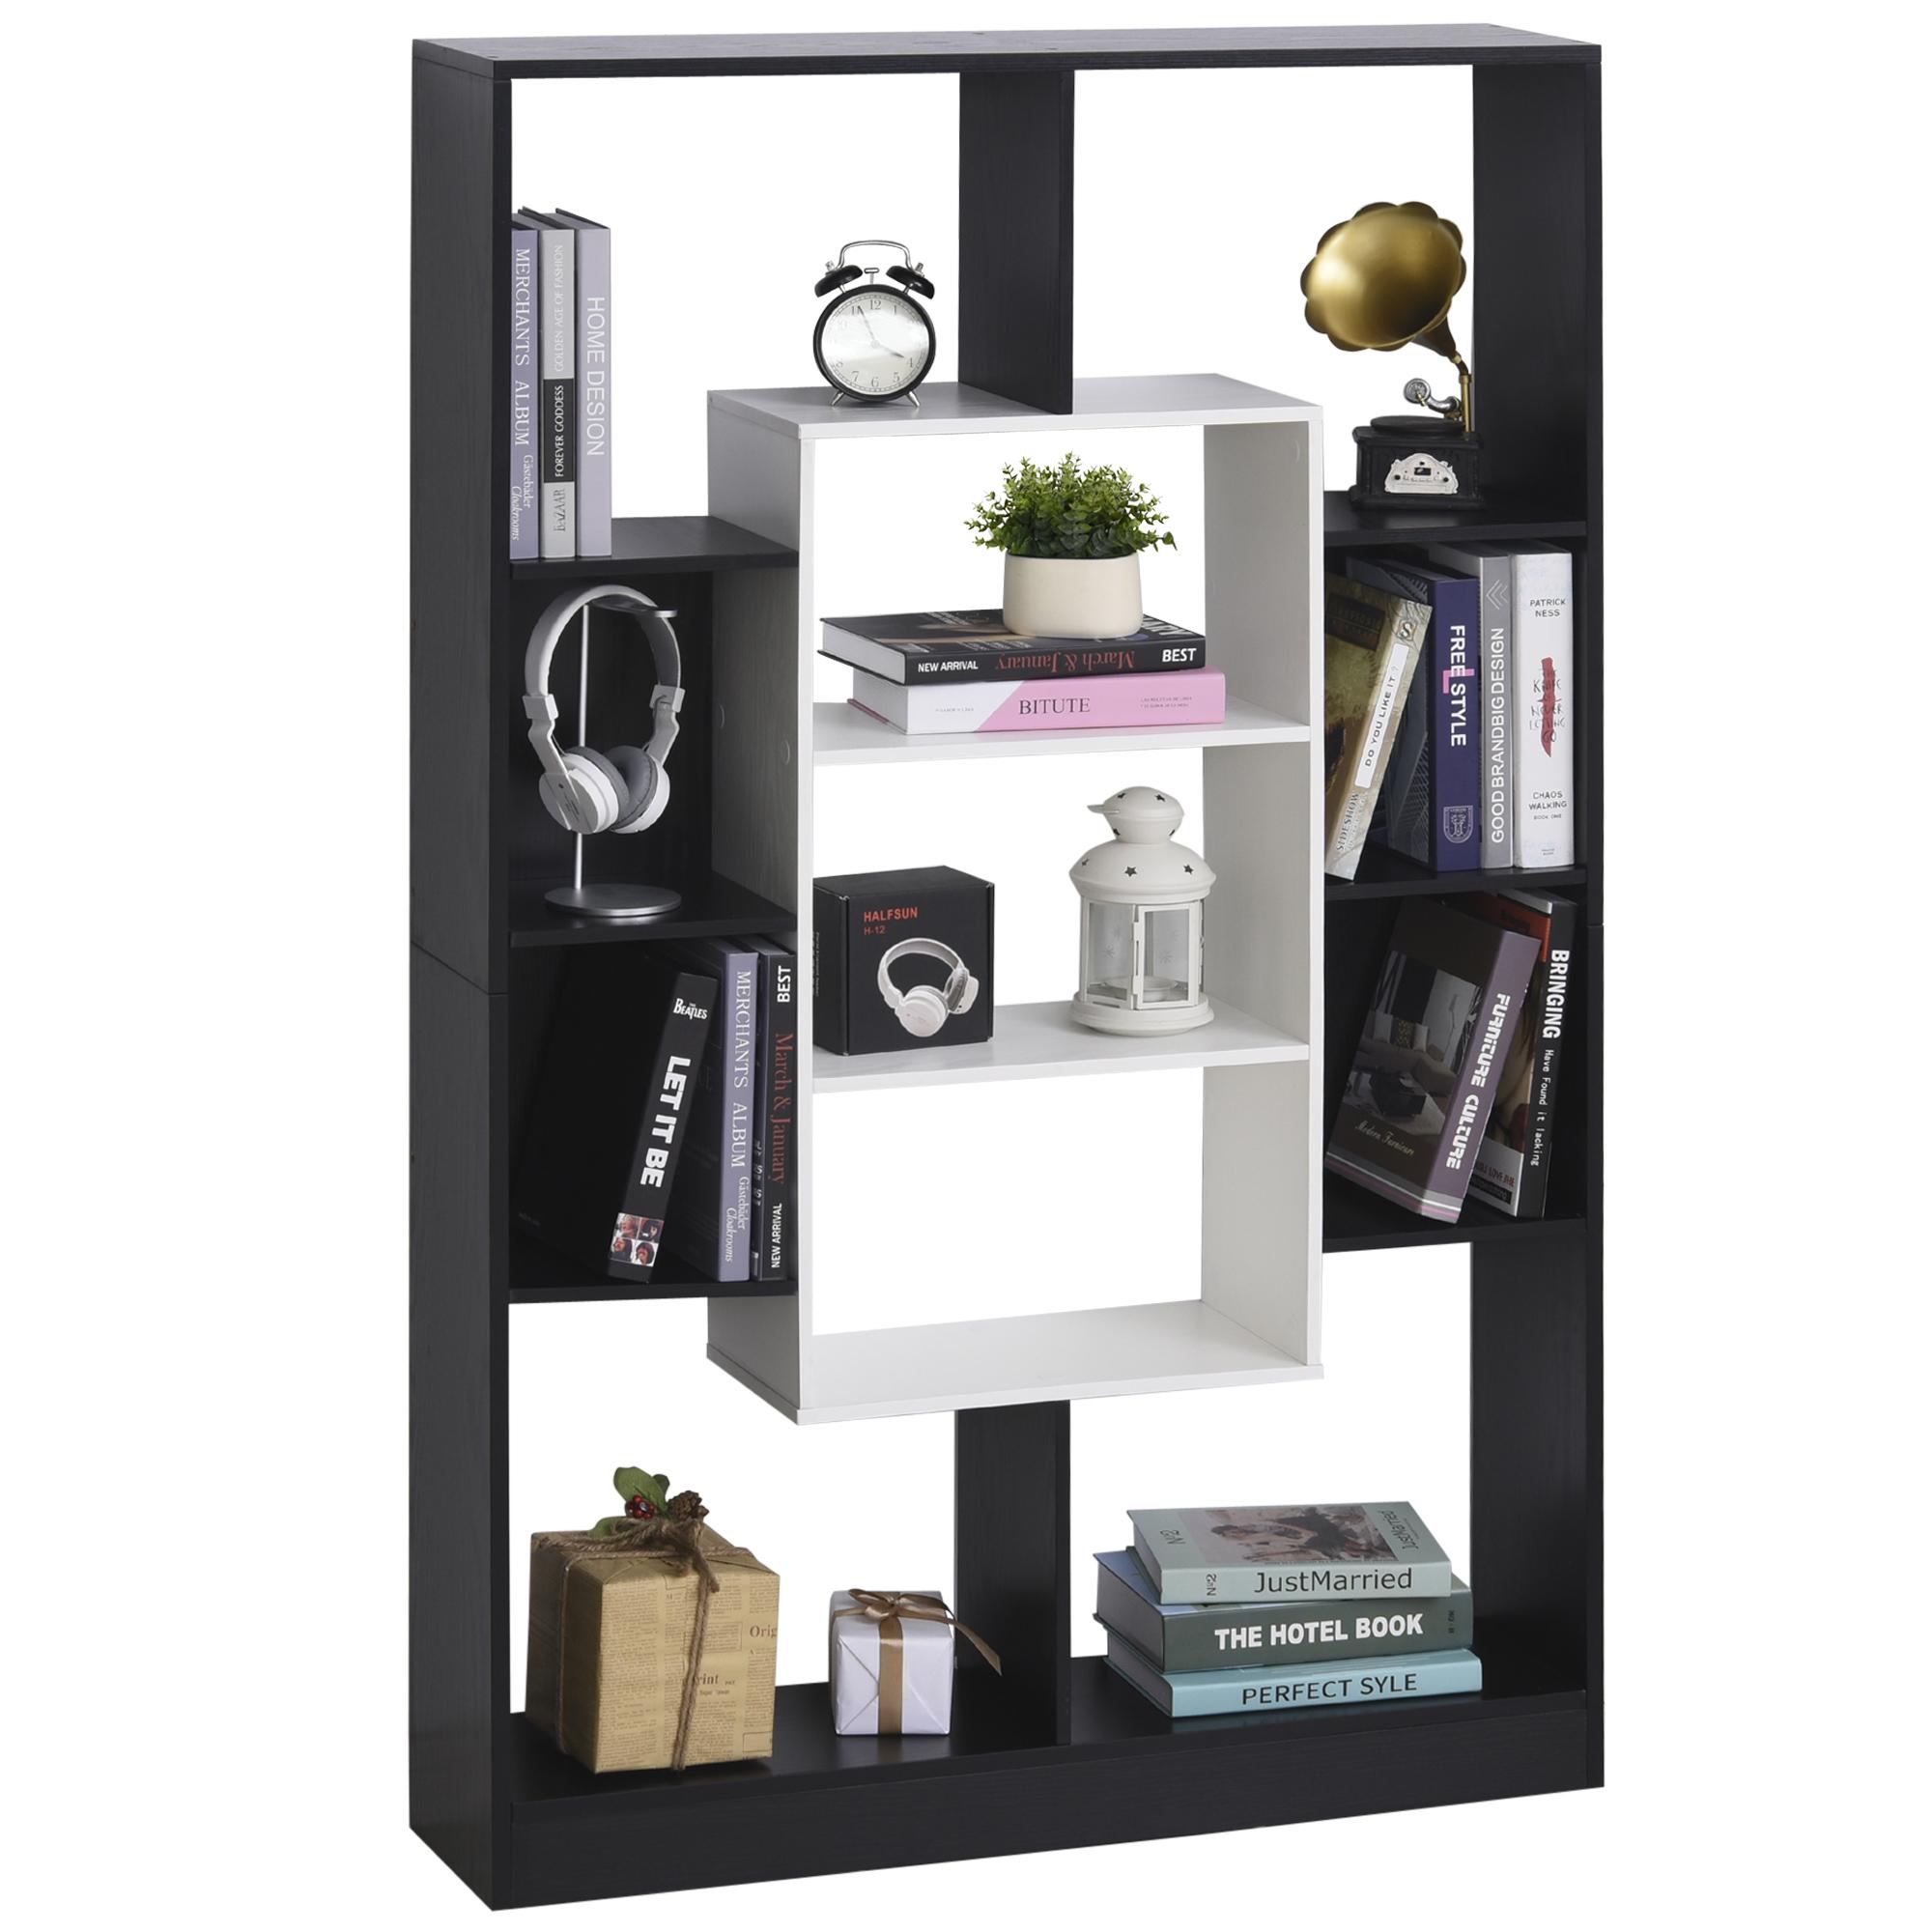 Homcom Libreria a Muro dal Design Moderno in Legno Bianco e Nero 95 x 22 x 150cm